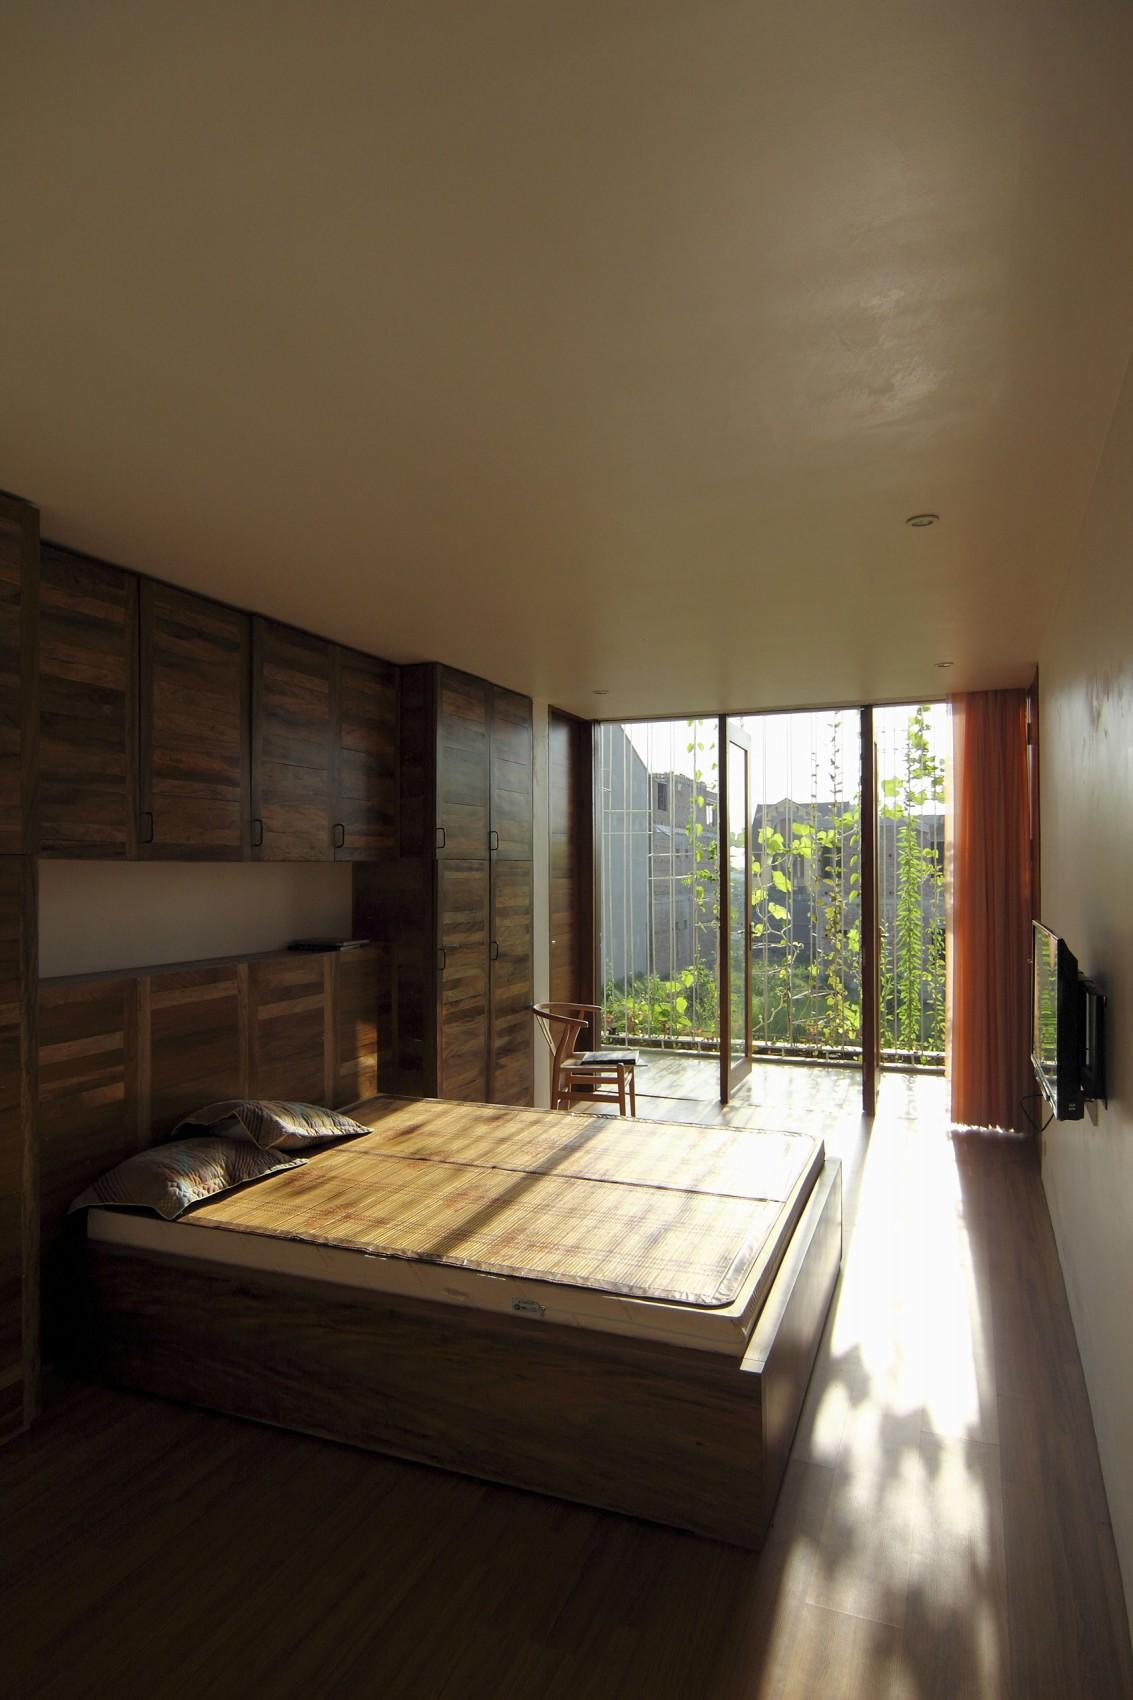 Planos de casa de tres pisos en terreno pequeño, incluye una fachada moderna y diseño de interior 10